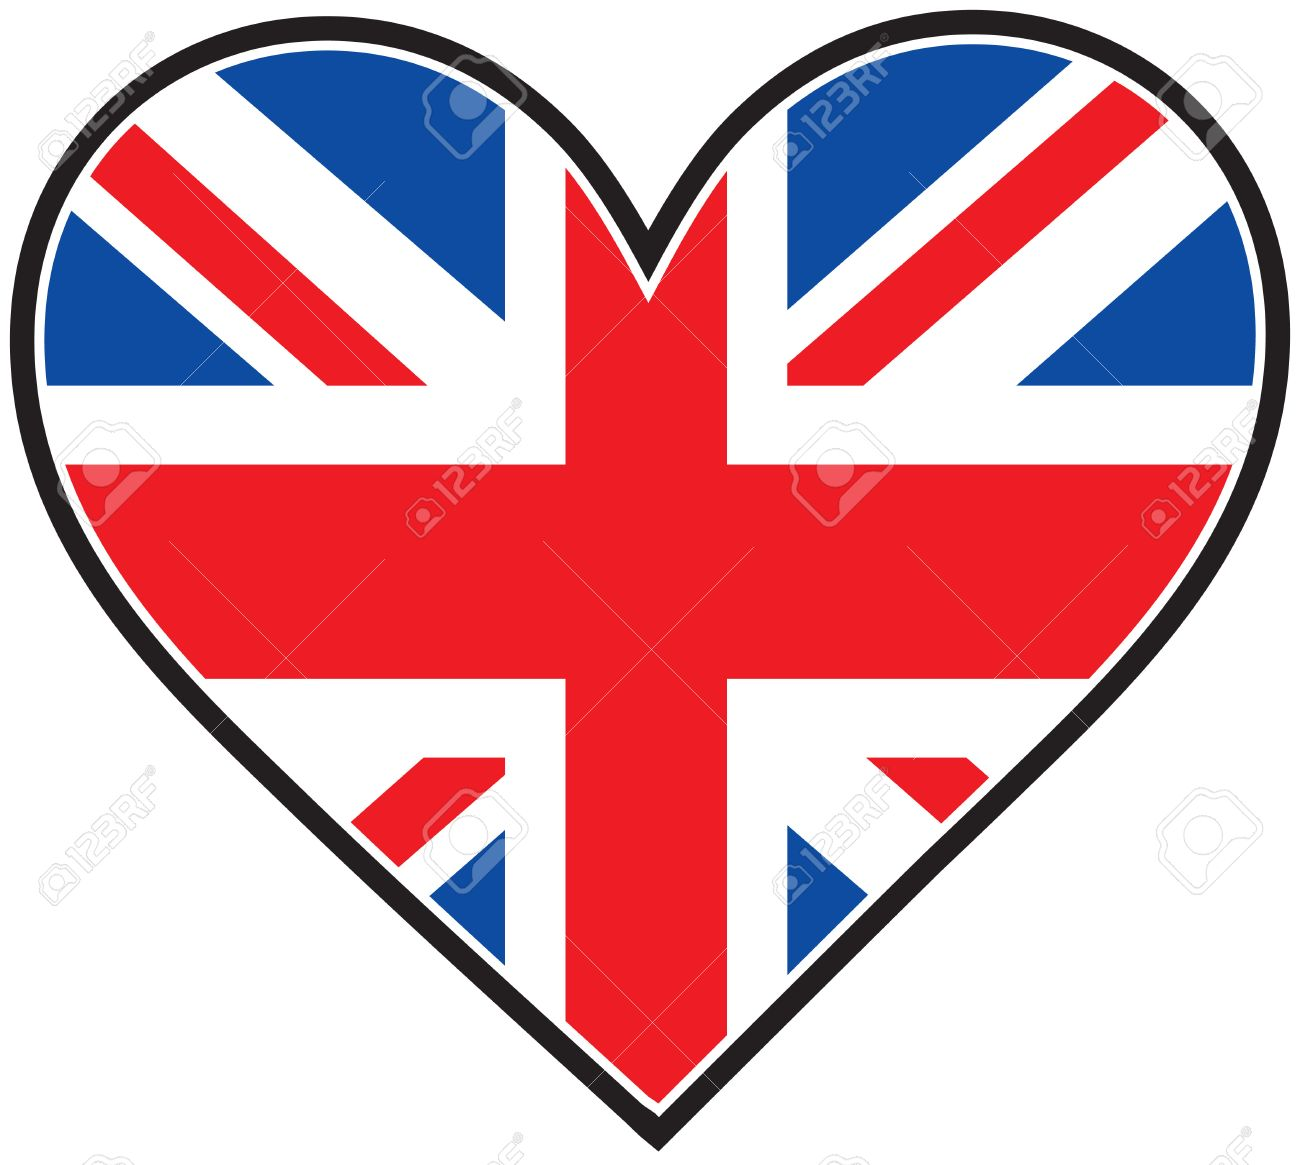 Image result for british flag heart shape